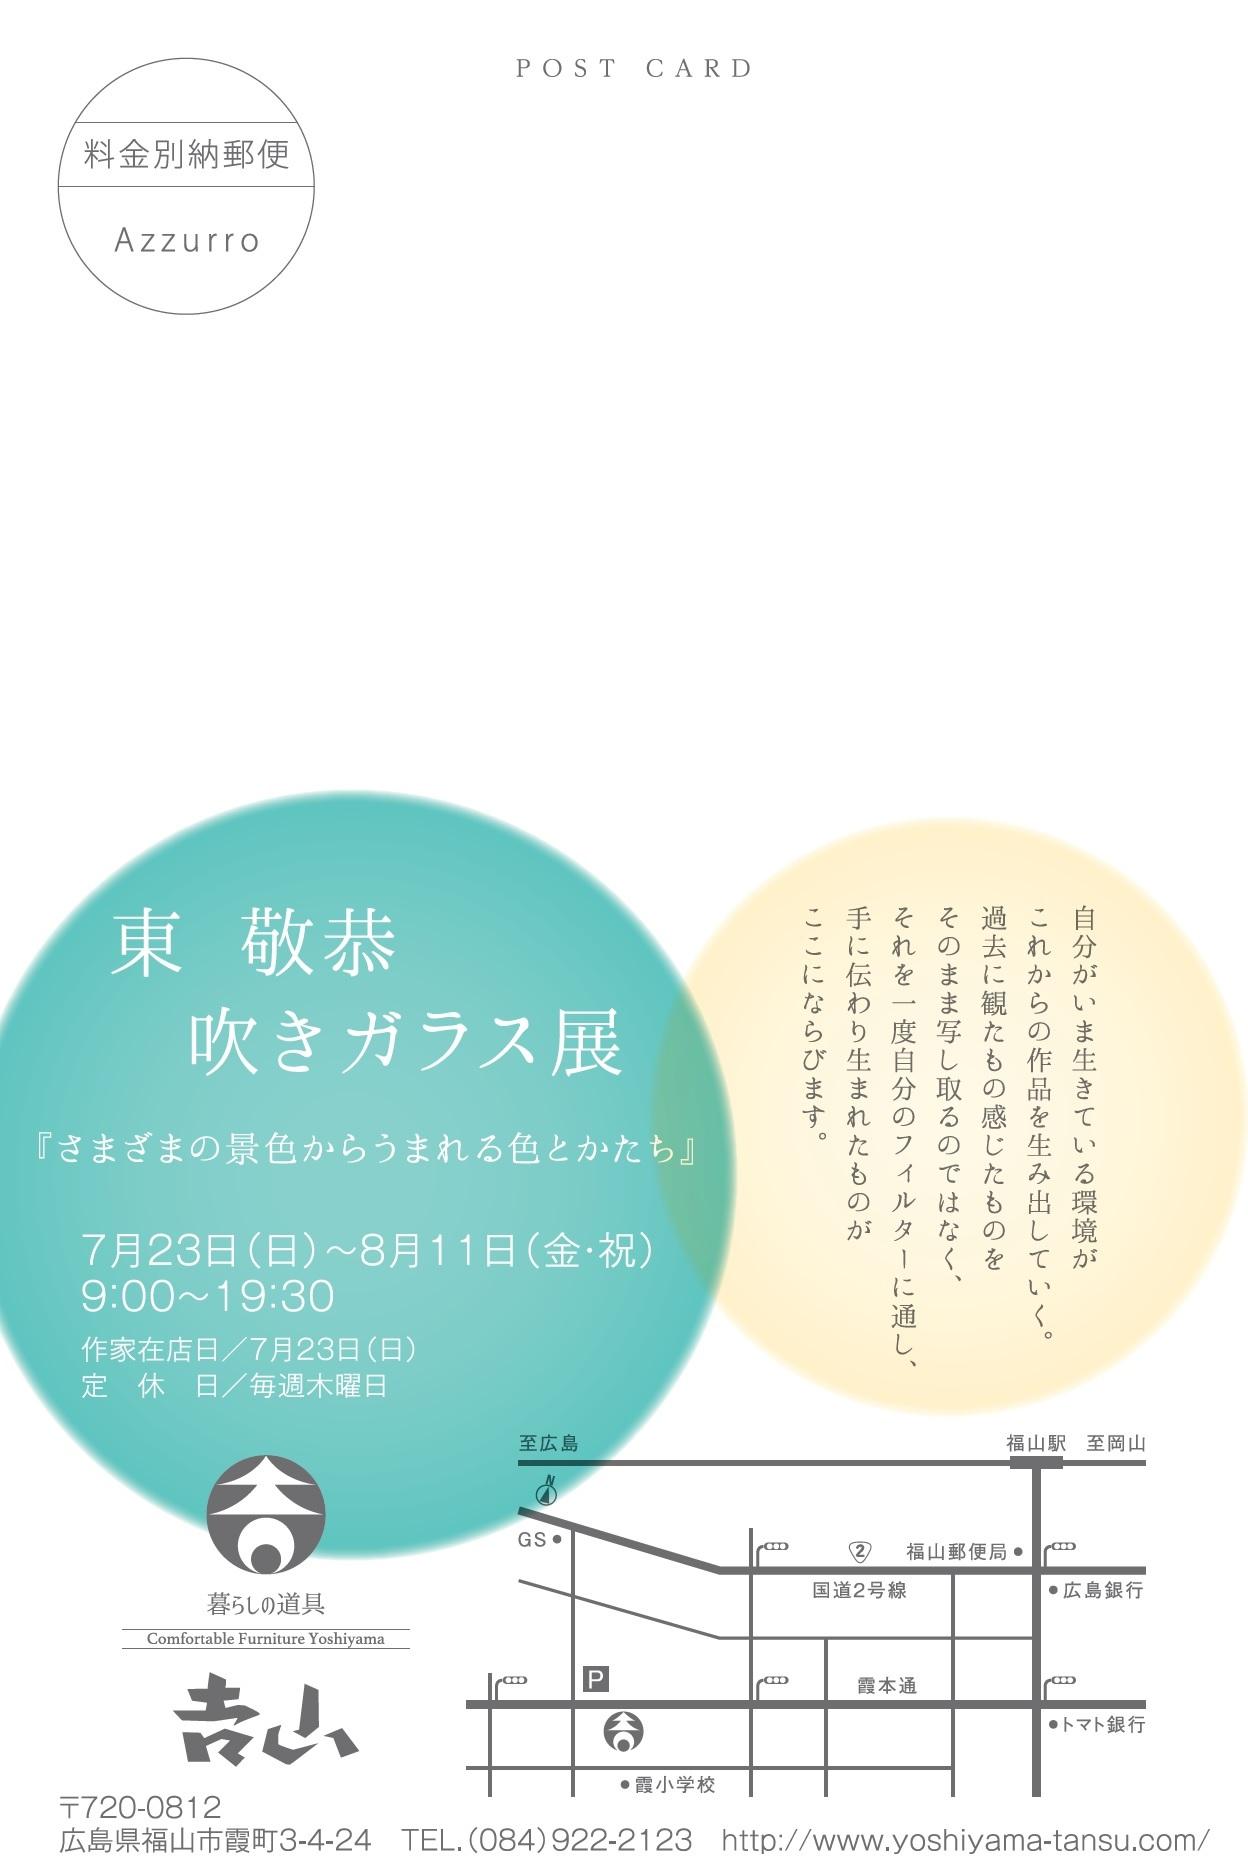 「暮らしの道具 吉山」での個展のお知らせ_c0212902_14165949.jpg